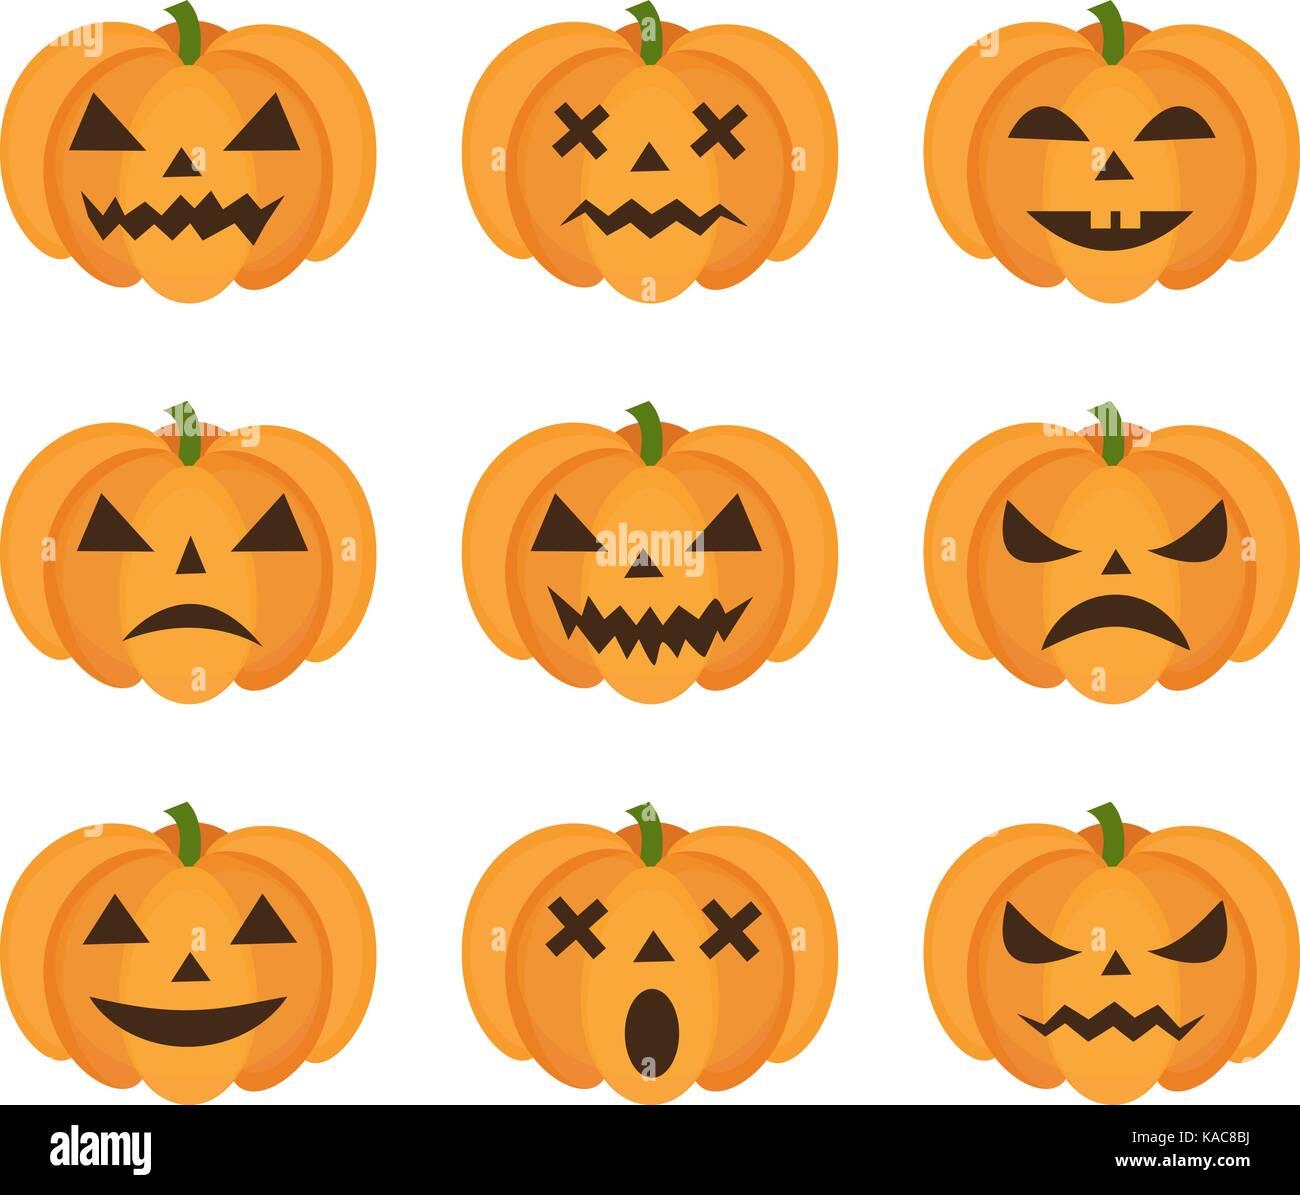 Calabaza de Halloween con conjunto de iconos emoji. scary emoticonos calabazas colección. aislado sobre fondo blanco. Ilustración del Vector